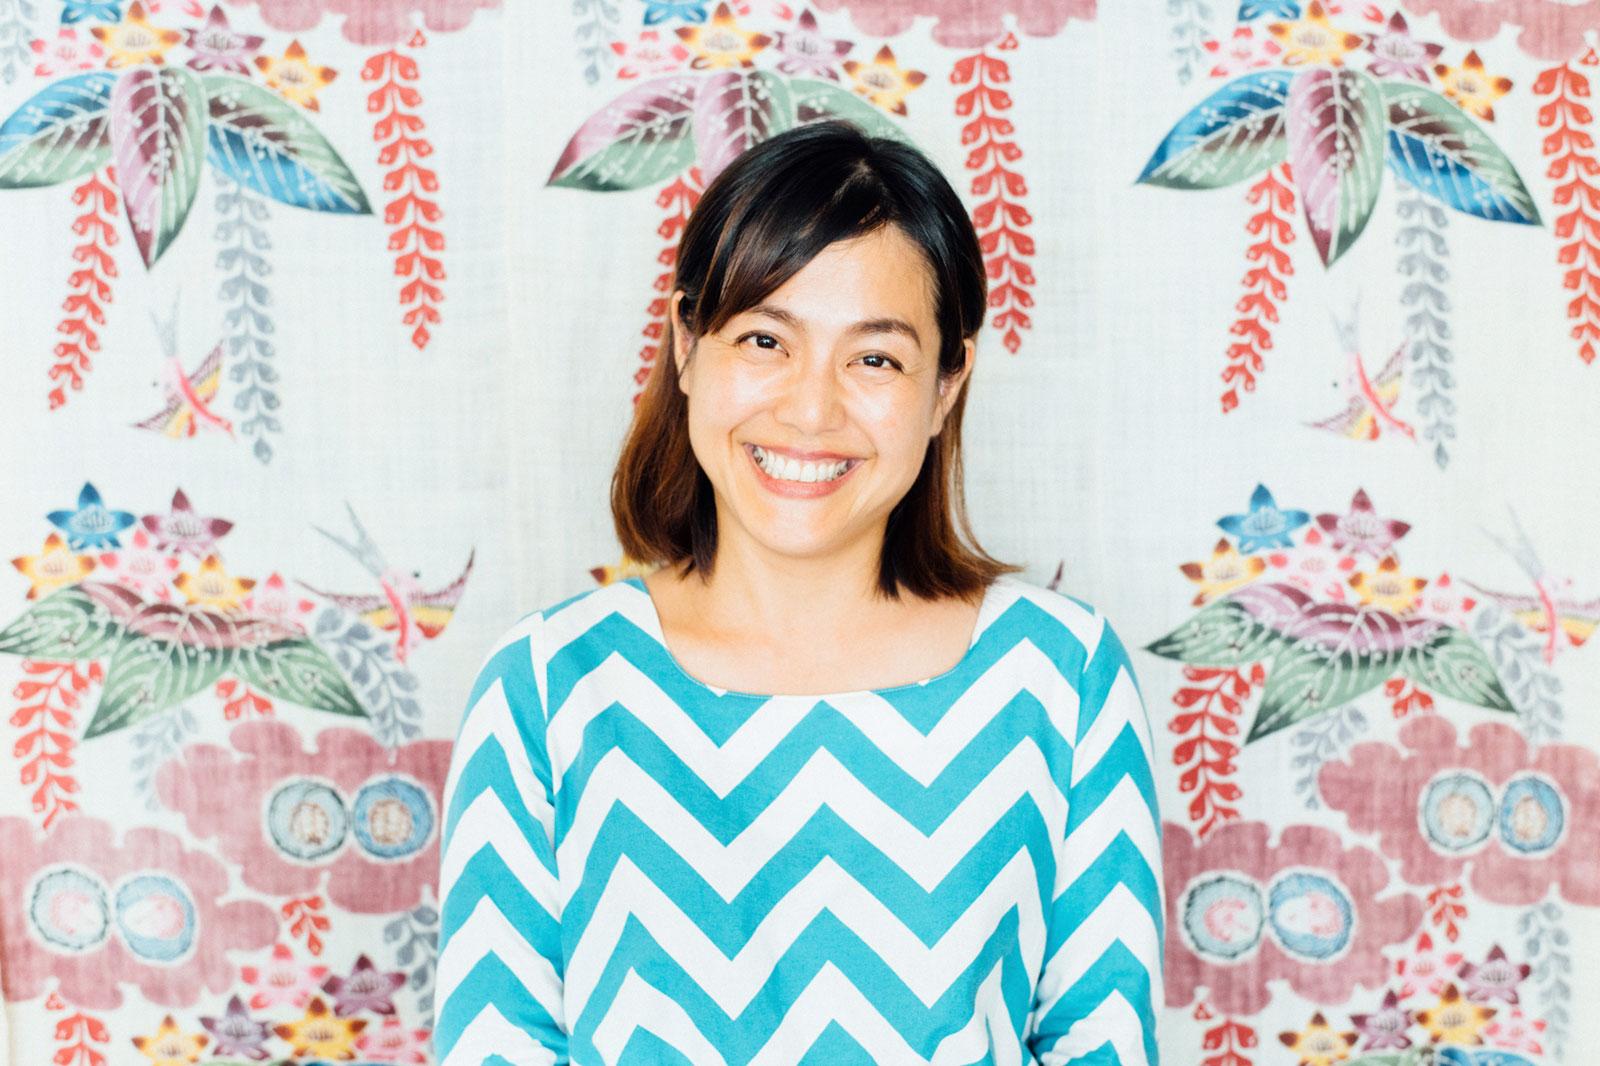 謝花久乃 さん (「謝花きっぱん店」代表  )